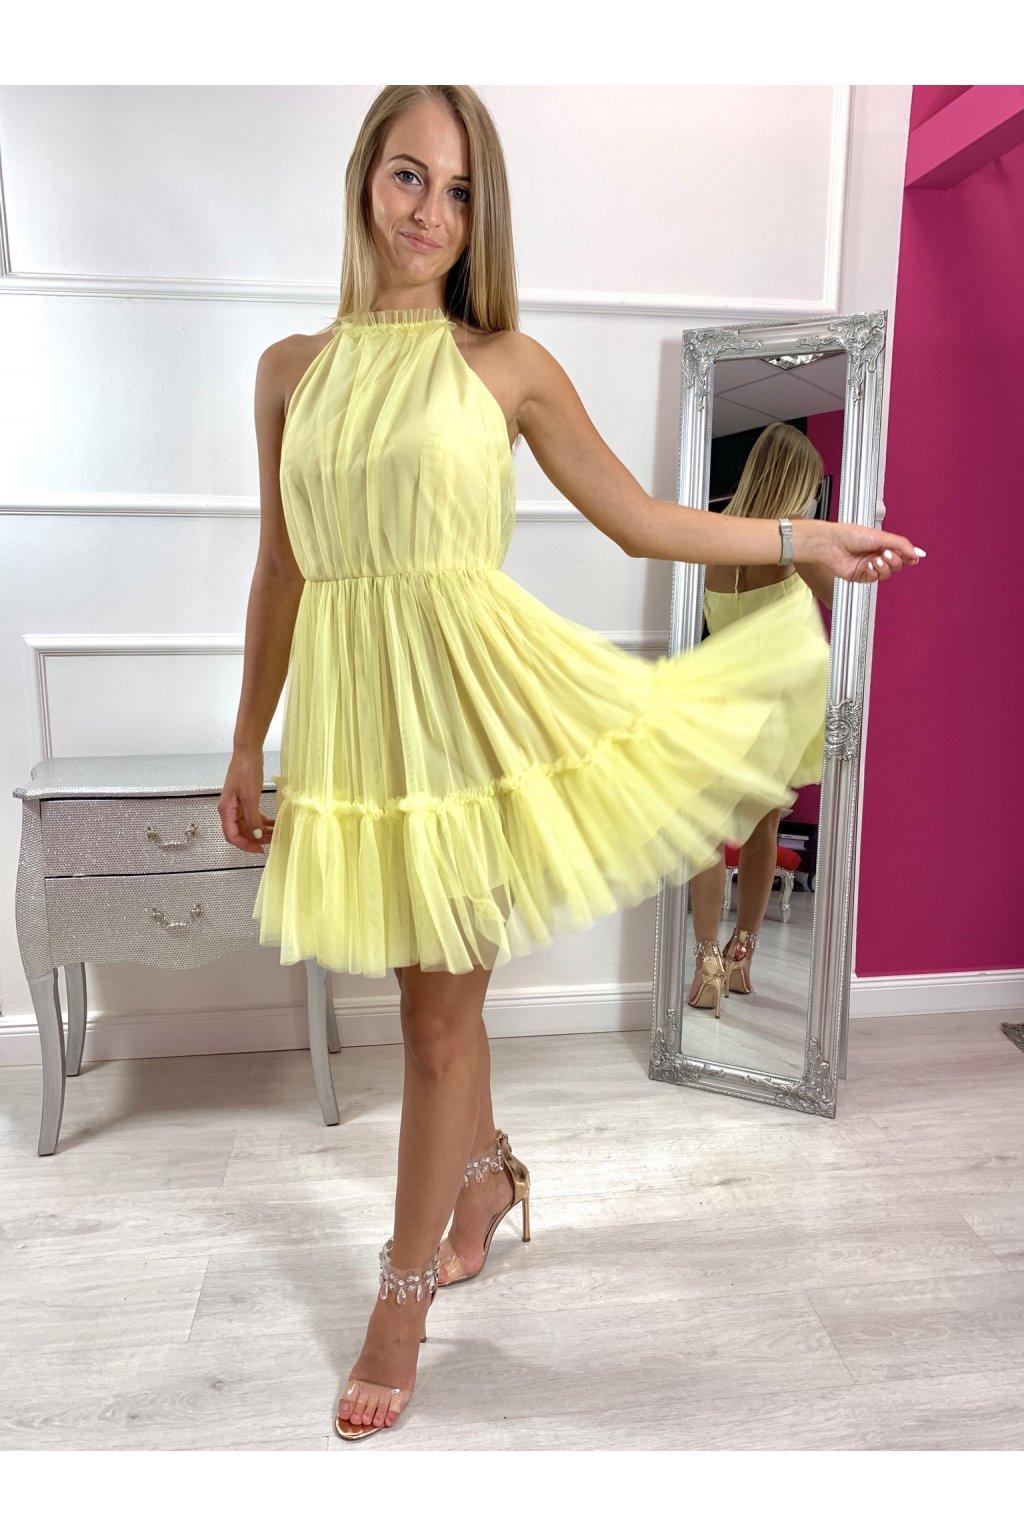 MINNIE - dámske krátke tylové šaty - žlté